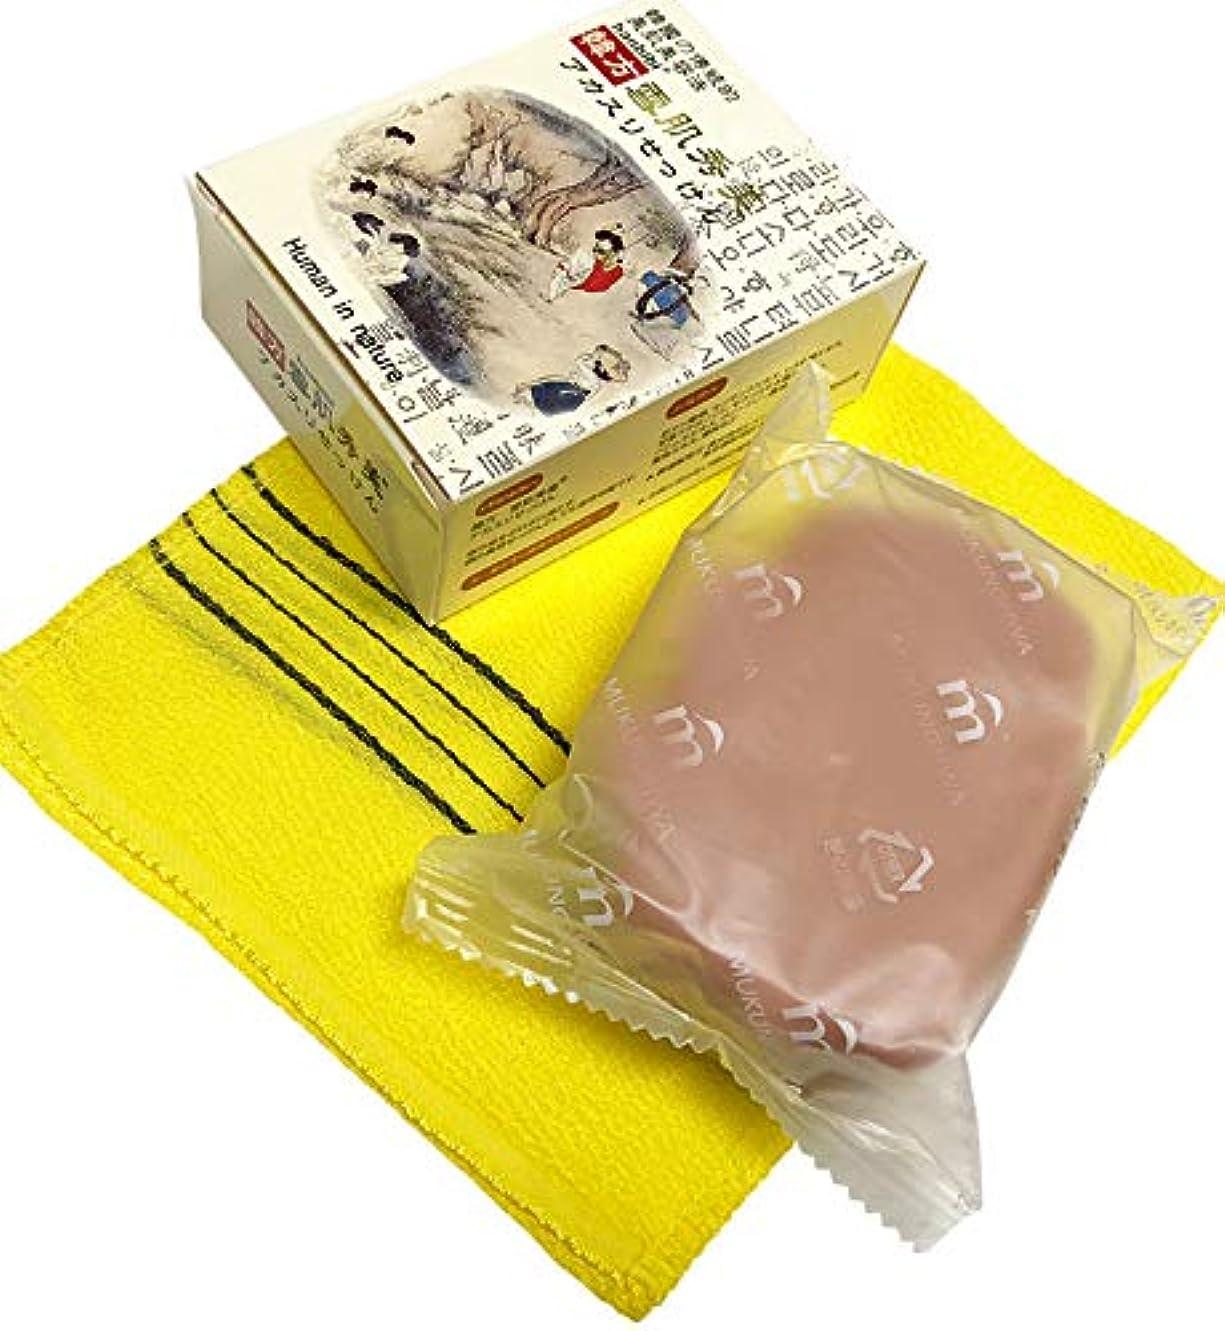 宝石宇宙飛行士アストロラーベ人気の顔、体兼用、蜂蜜香りの韓方石ケン、韓国コスメ 韓方[雪肌美]蜂蜜アカスリせっけん アカスリ専用タオル付き